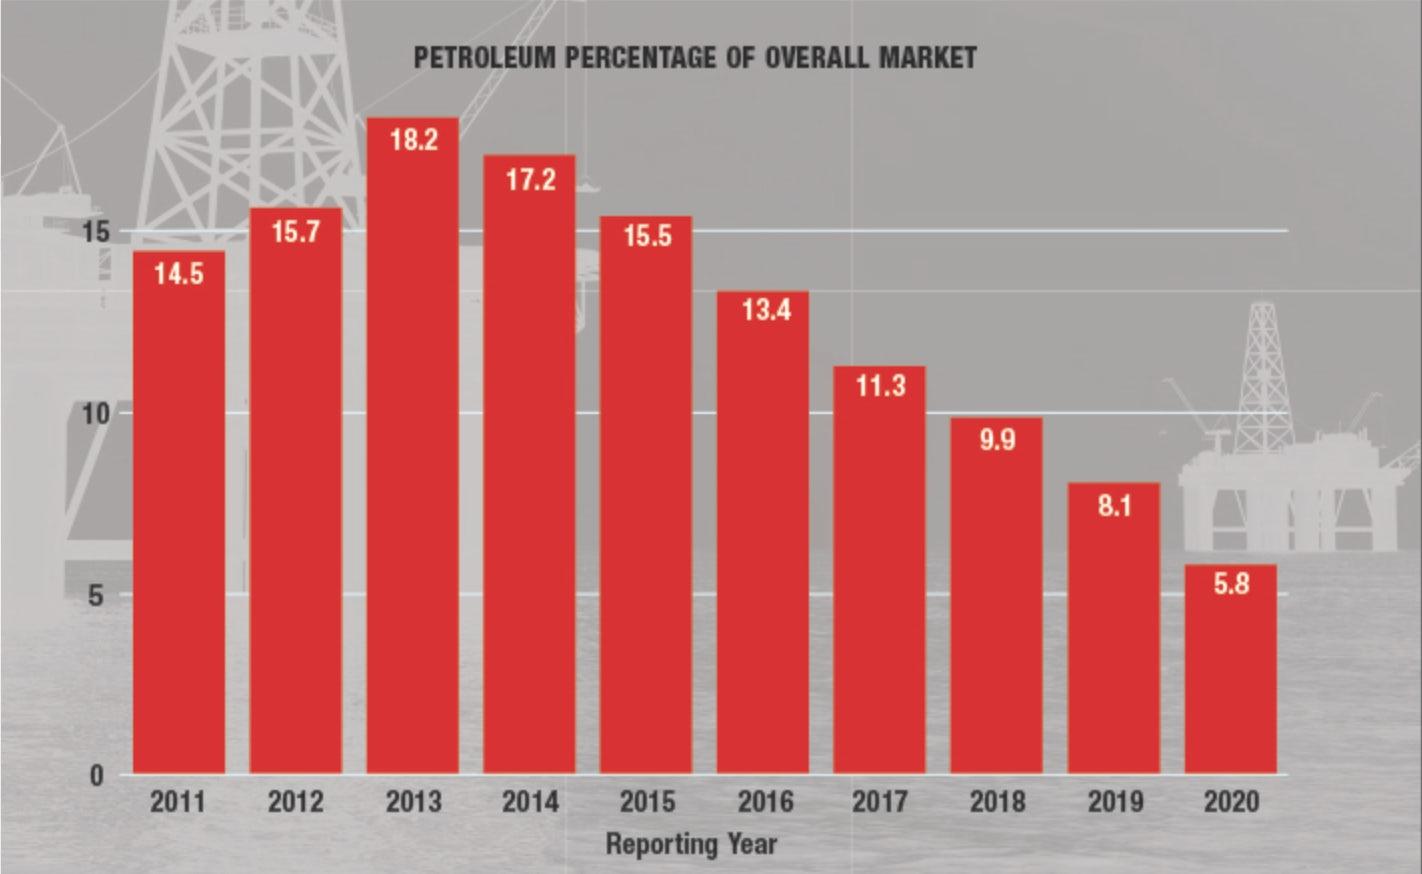 What We're Reading – Petroleum Revenues Shrink, Renewables Grow